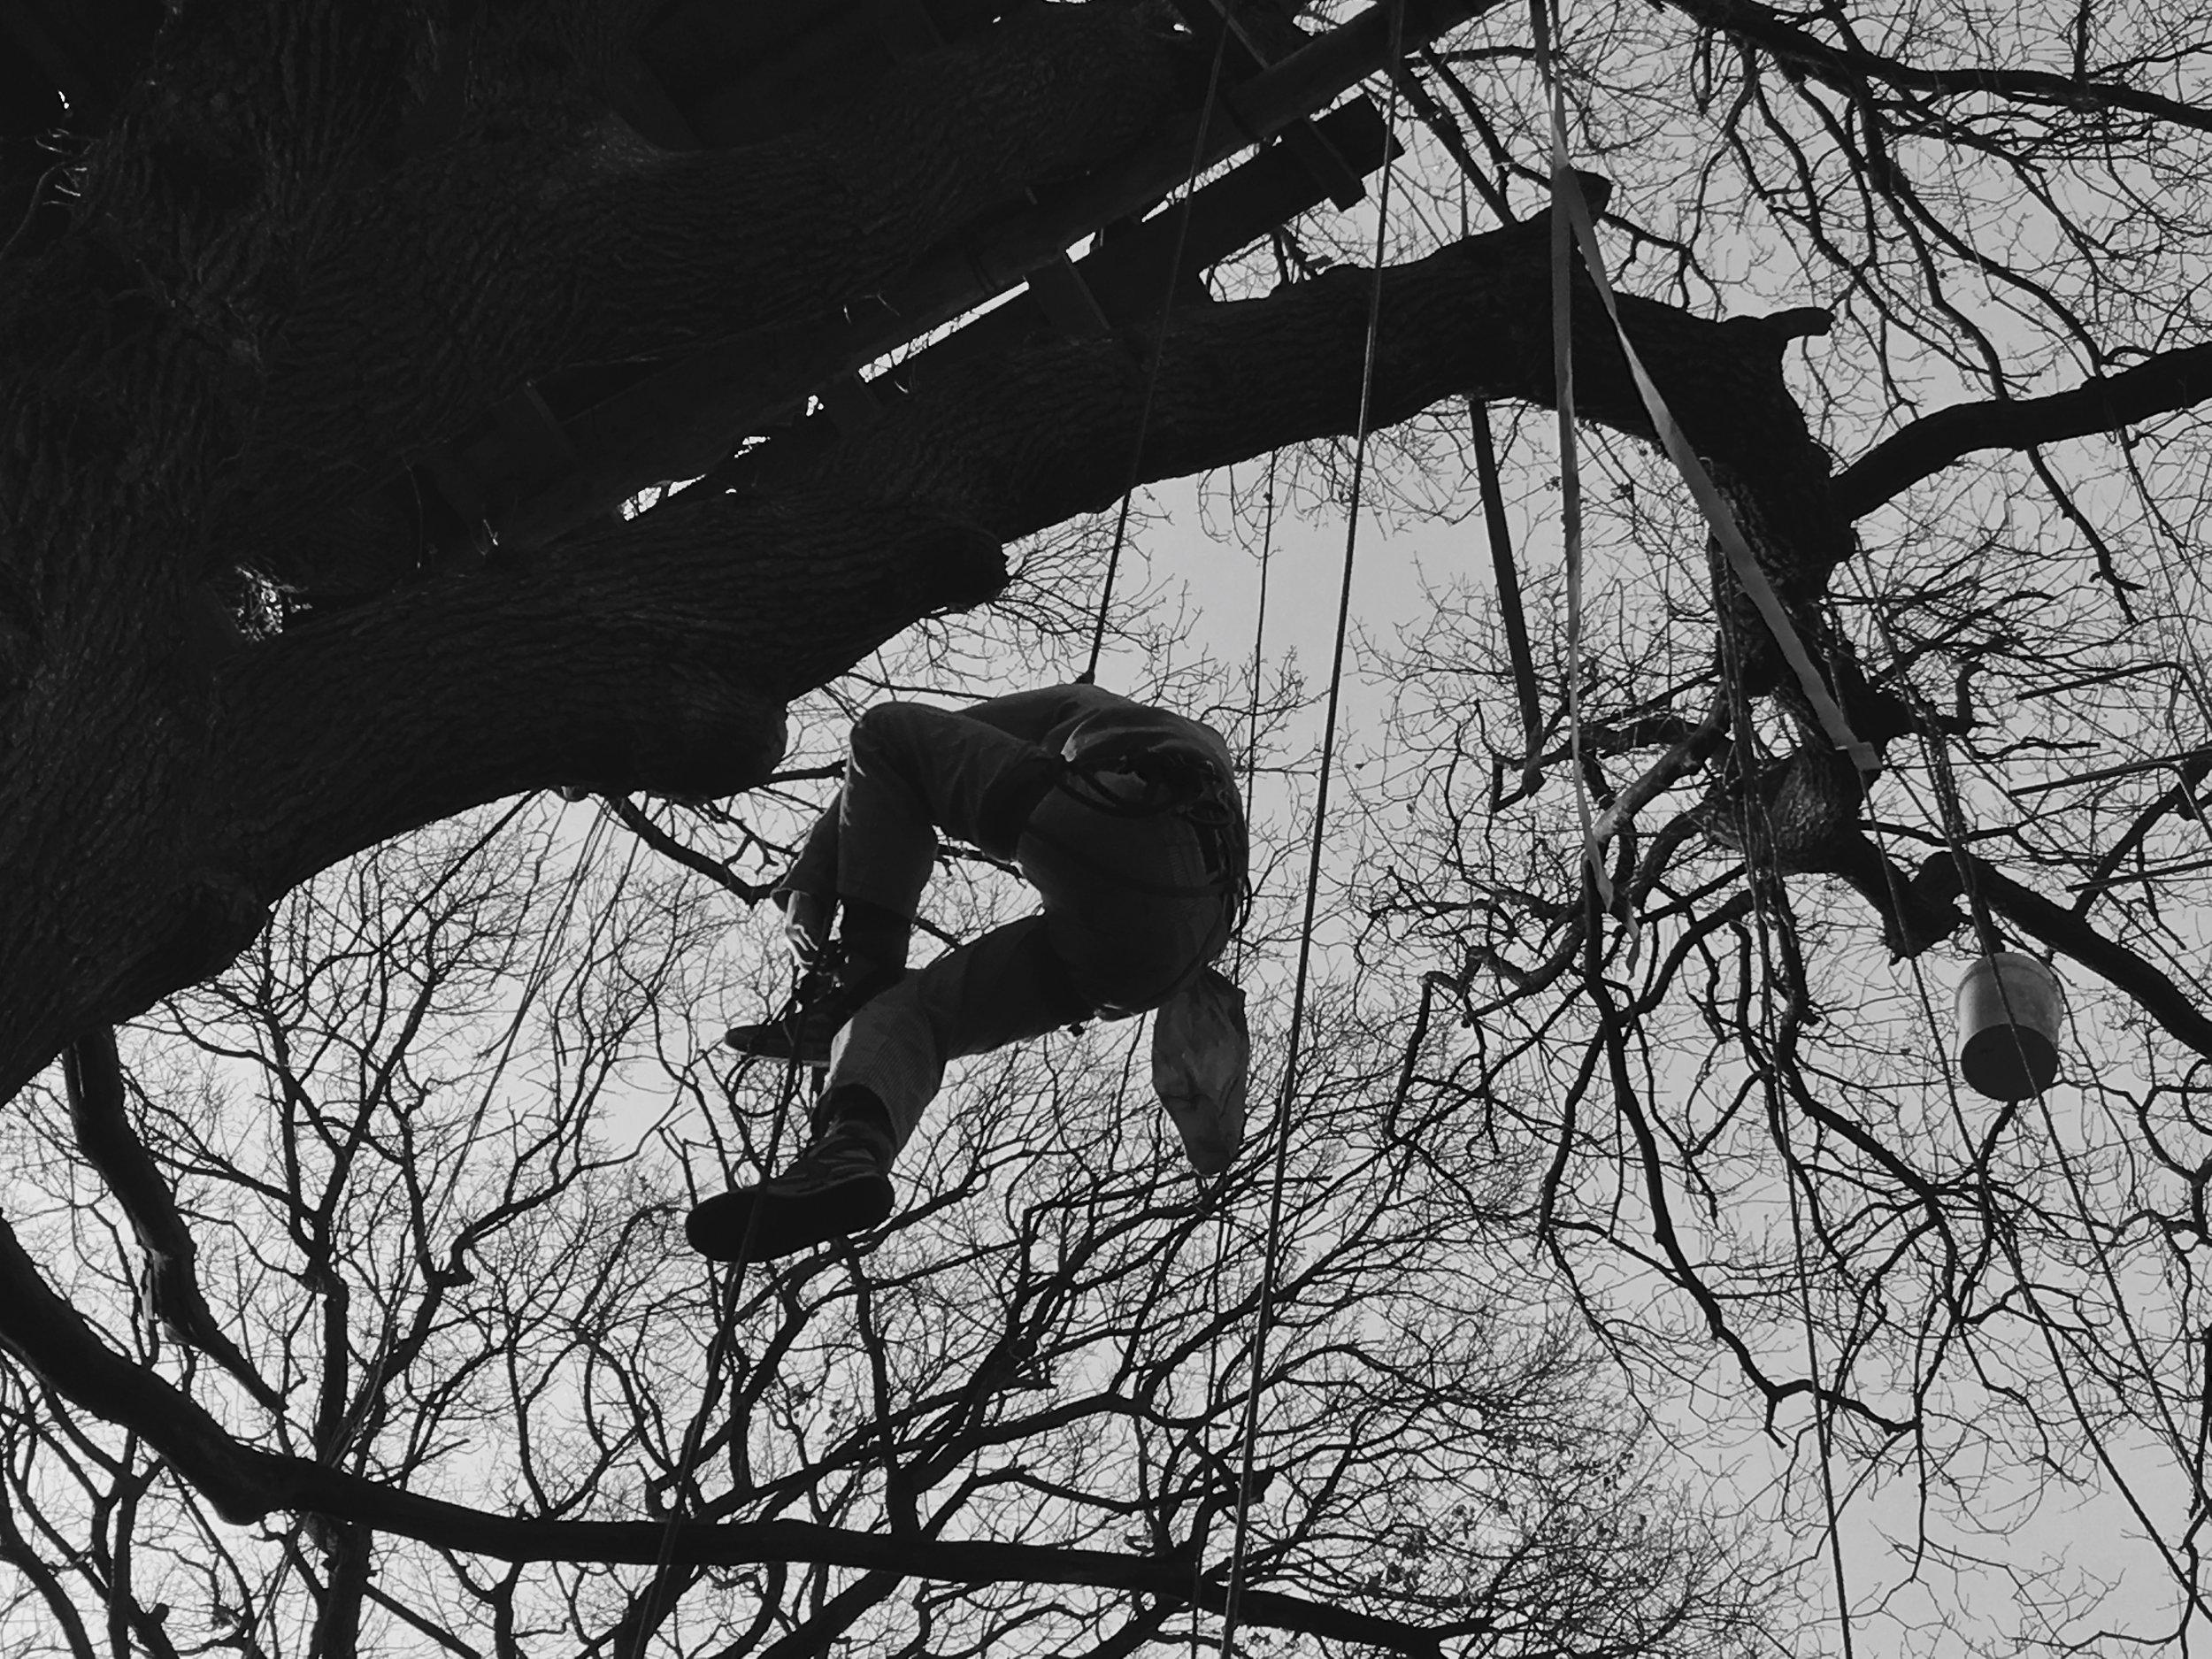 Les activistes sont restés dans la forêt après l'annonce de la Commission du charbon. Dans l'est de l'Allemagne, quatre excavatrices ont été occupées pour arrêter temporairement l'extraction, plus de vingt personnes ont été arrêtés dont trois personnes restent emprisonnés.